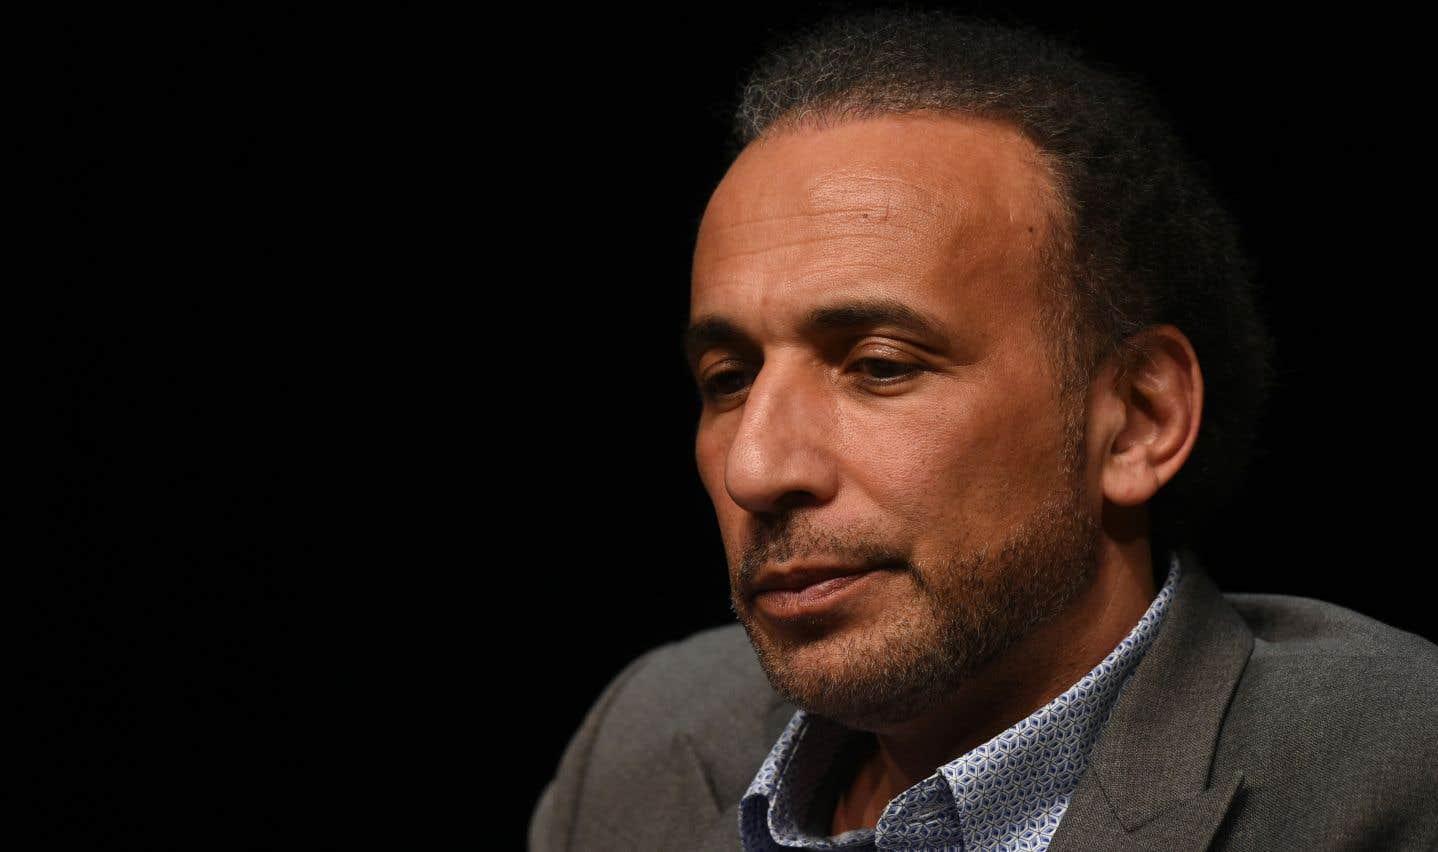 Le théologien musulman controversé Tariq Ramadan